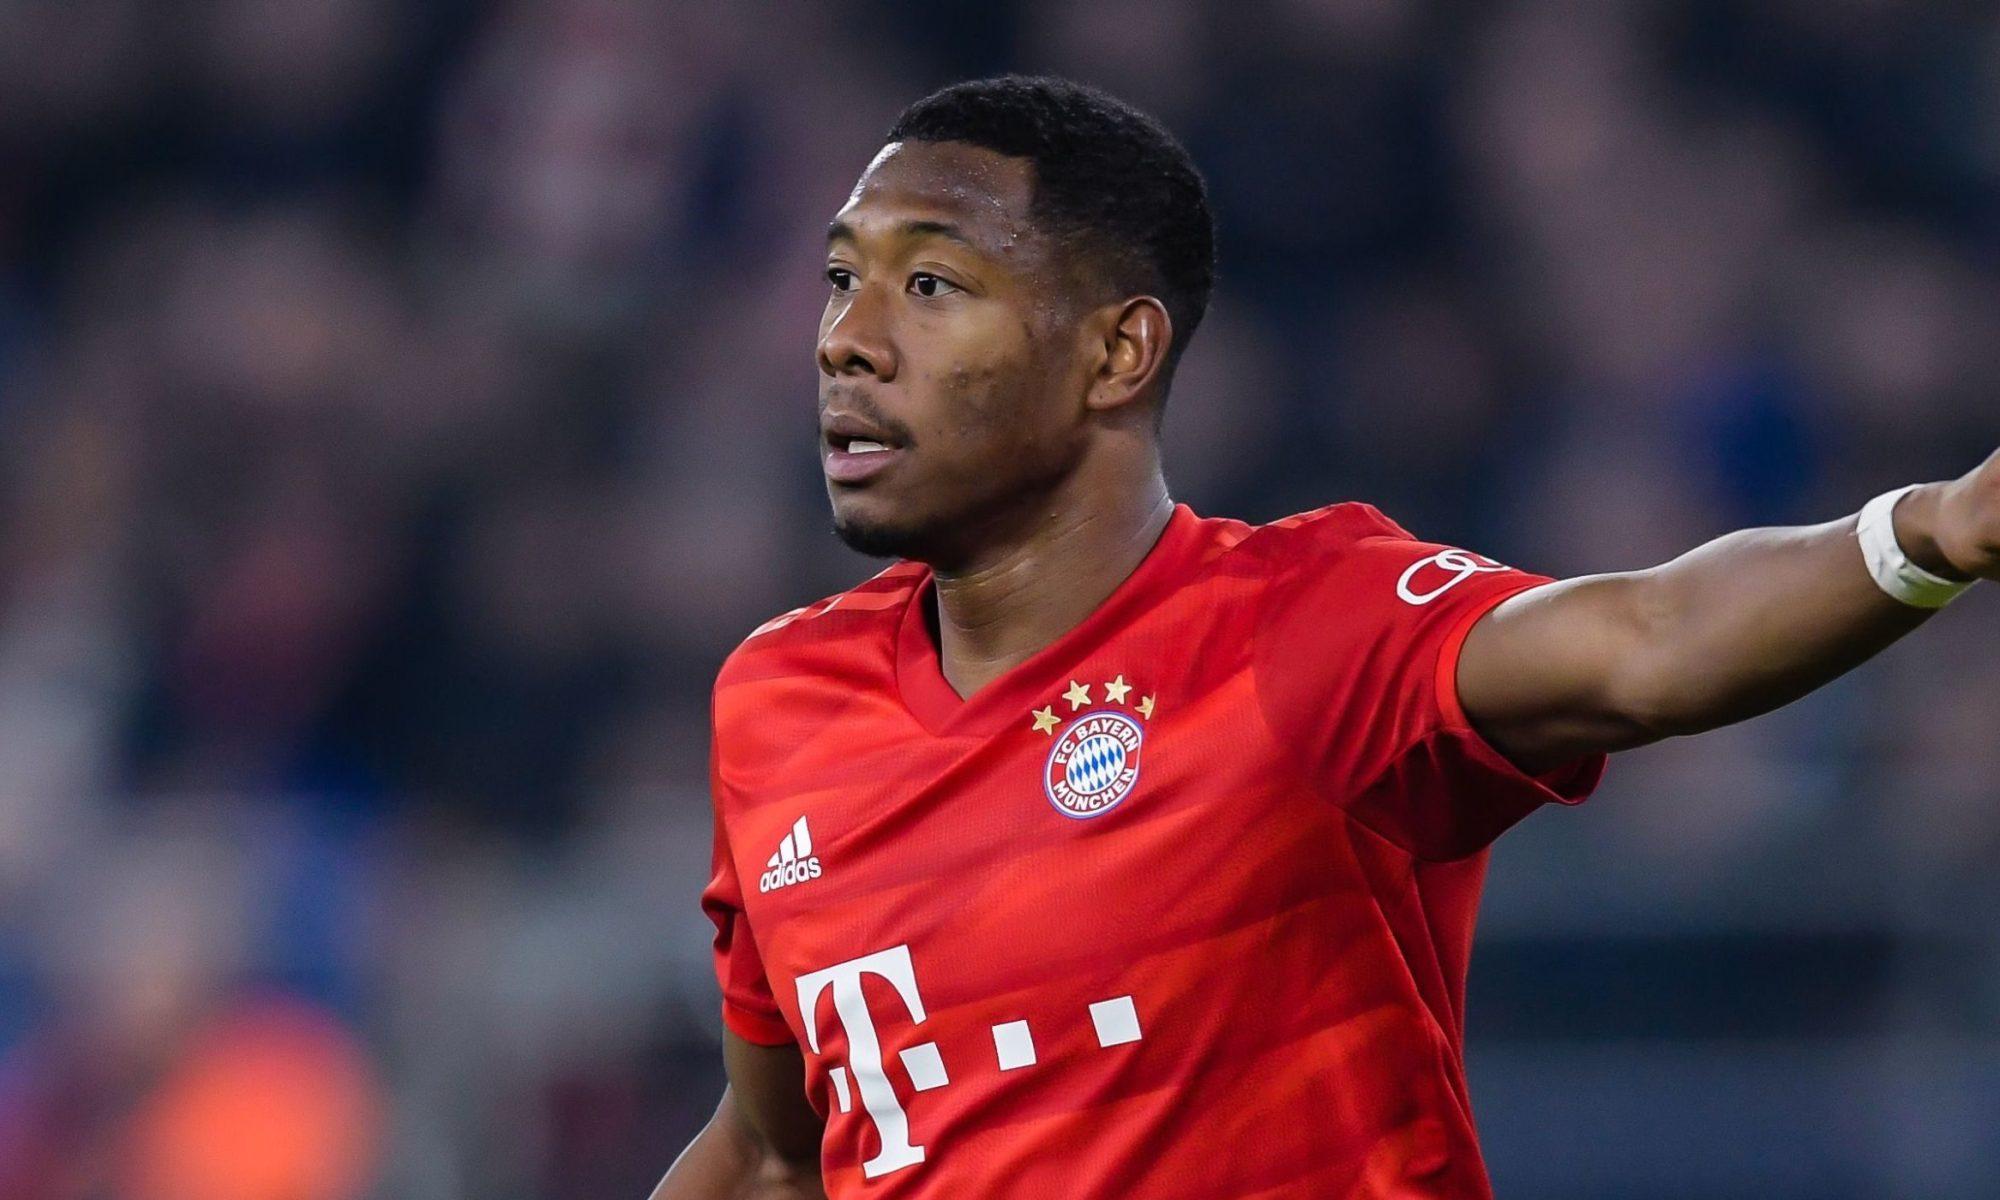 Suma colosală refuzată de Alaba pentru prelungirea contractului cu Bayern. Sursă foto: goal.com